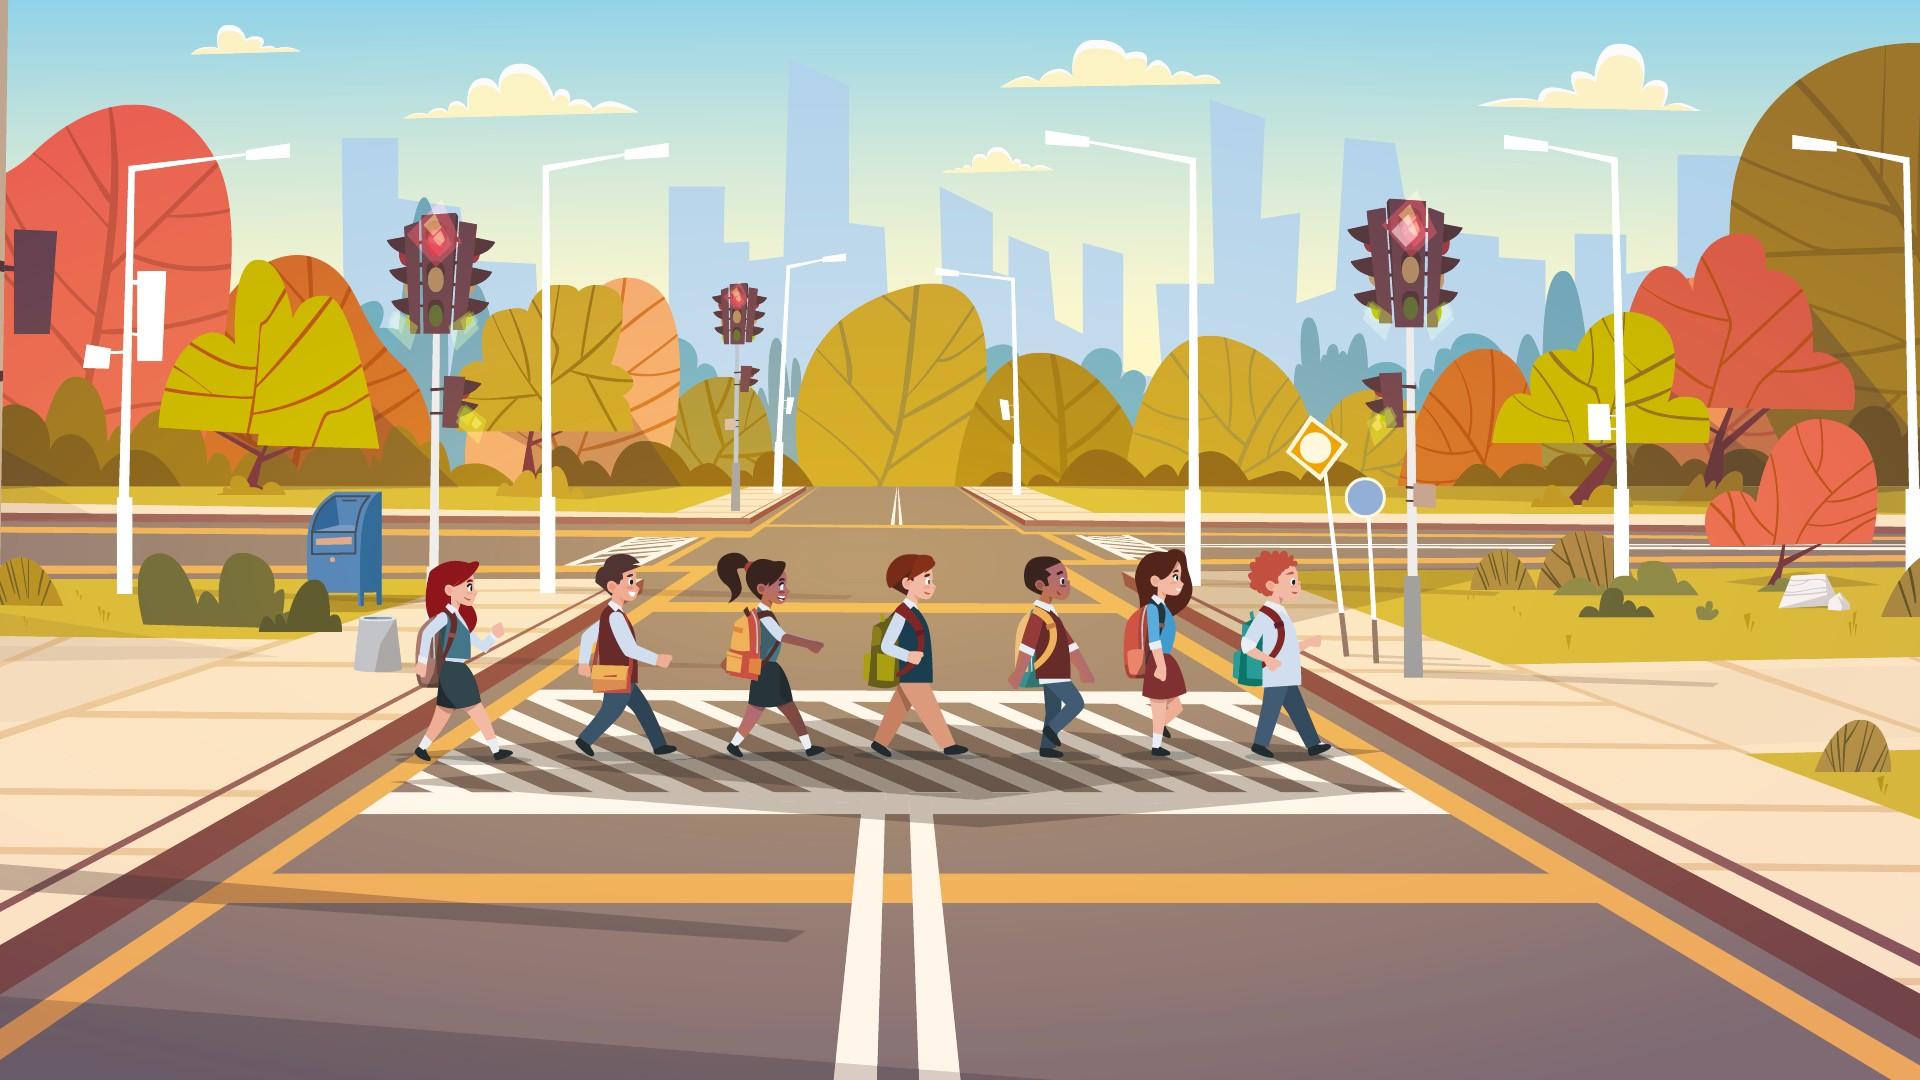 Bambini che attraversano la strada in fila